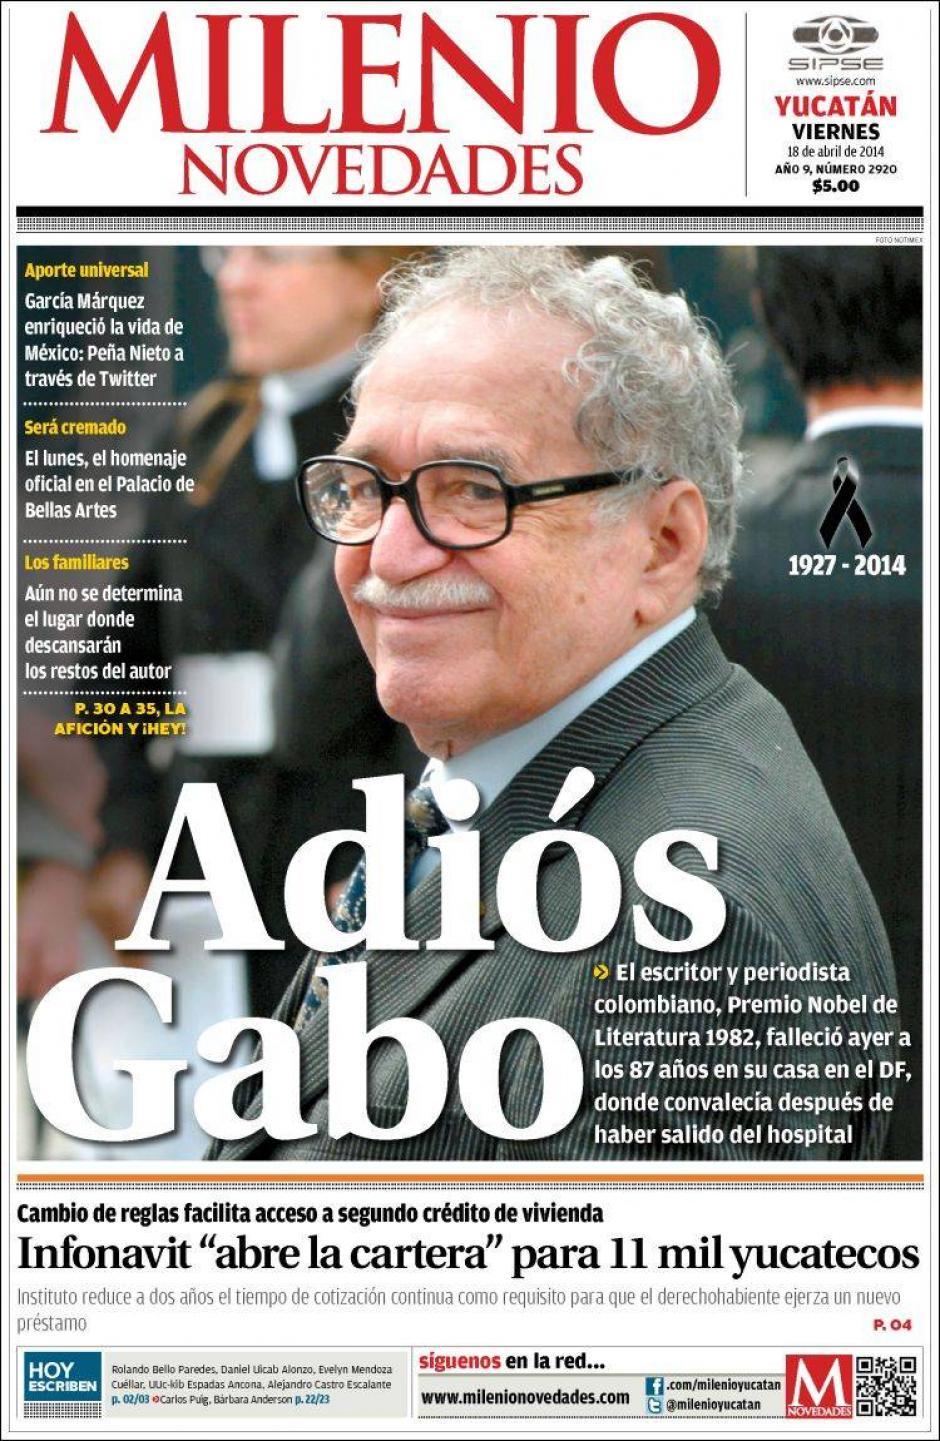 Para Milienio, el fallecimiento de García Márquez debió ser uno de los dos únicos titulares a destacar en su portada. (Foto: Clases de Periodismo)